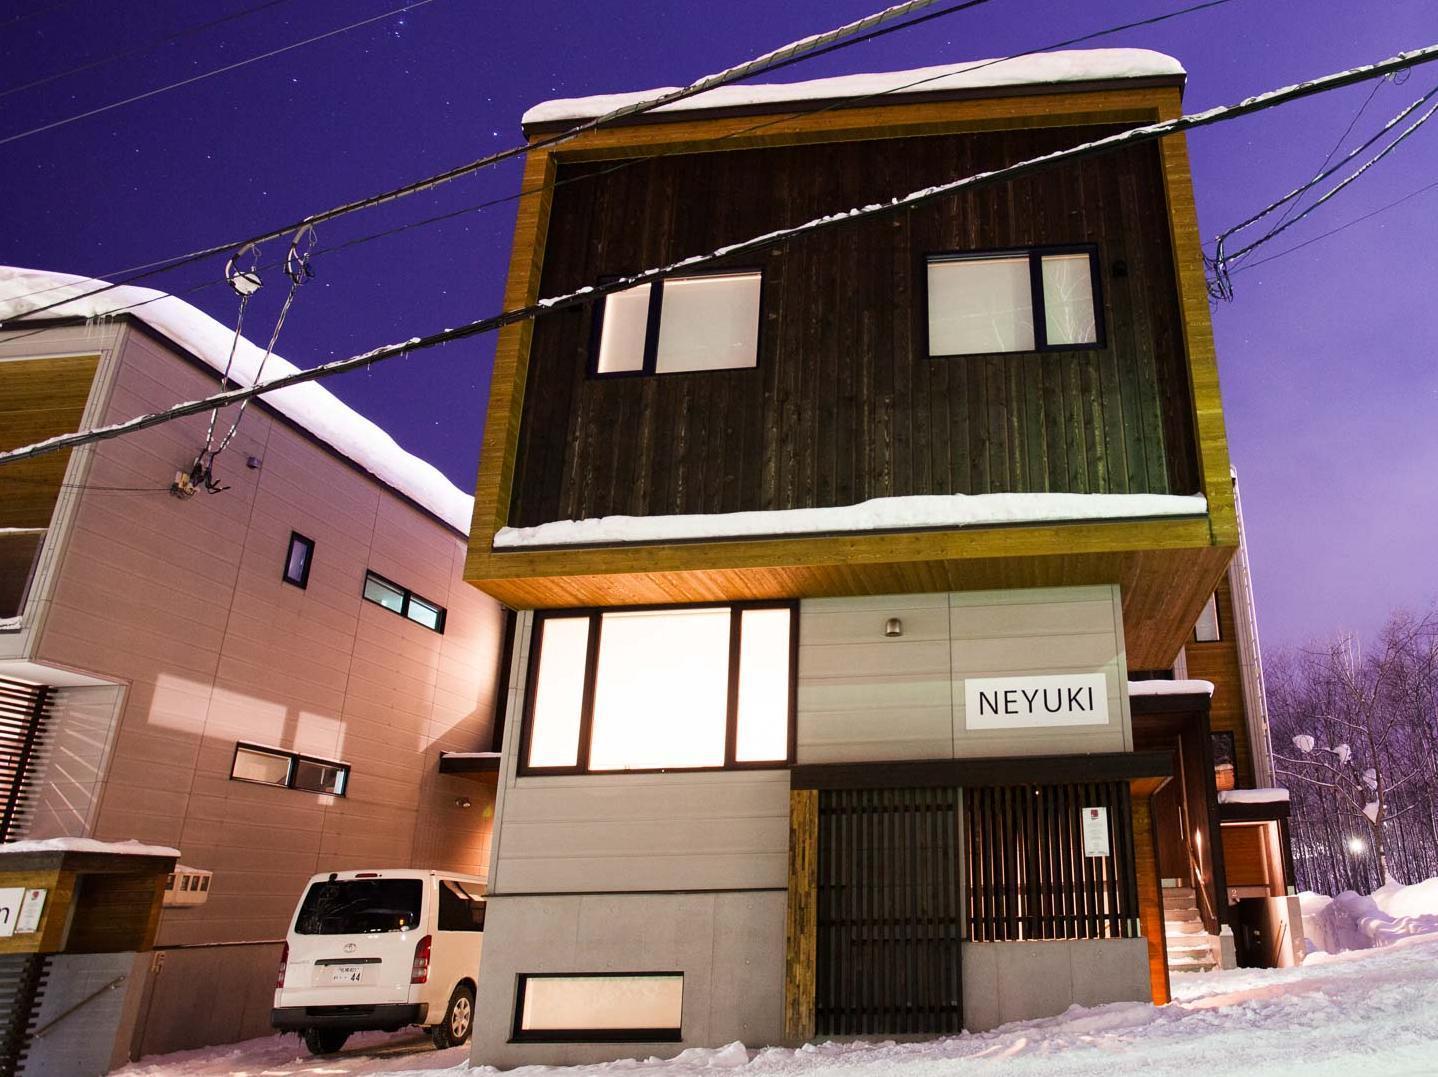 Neyuki Townhouses